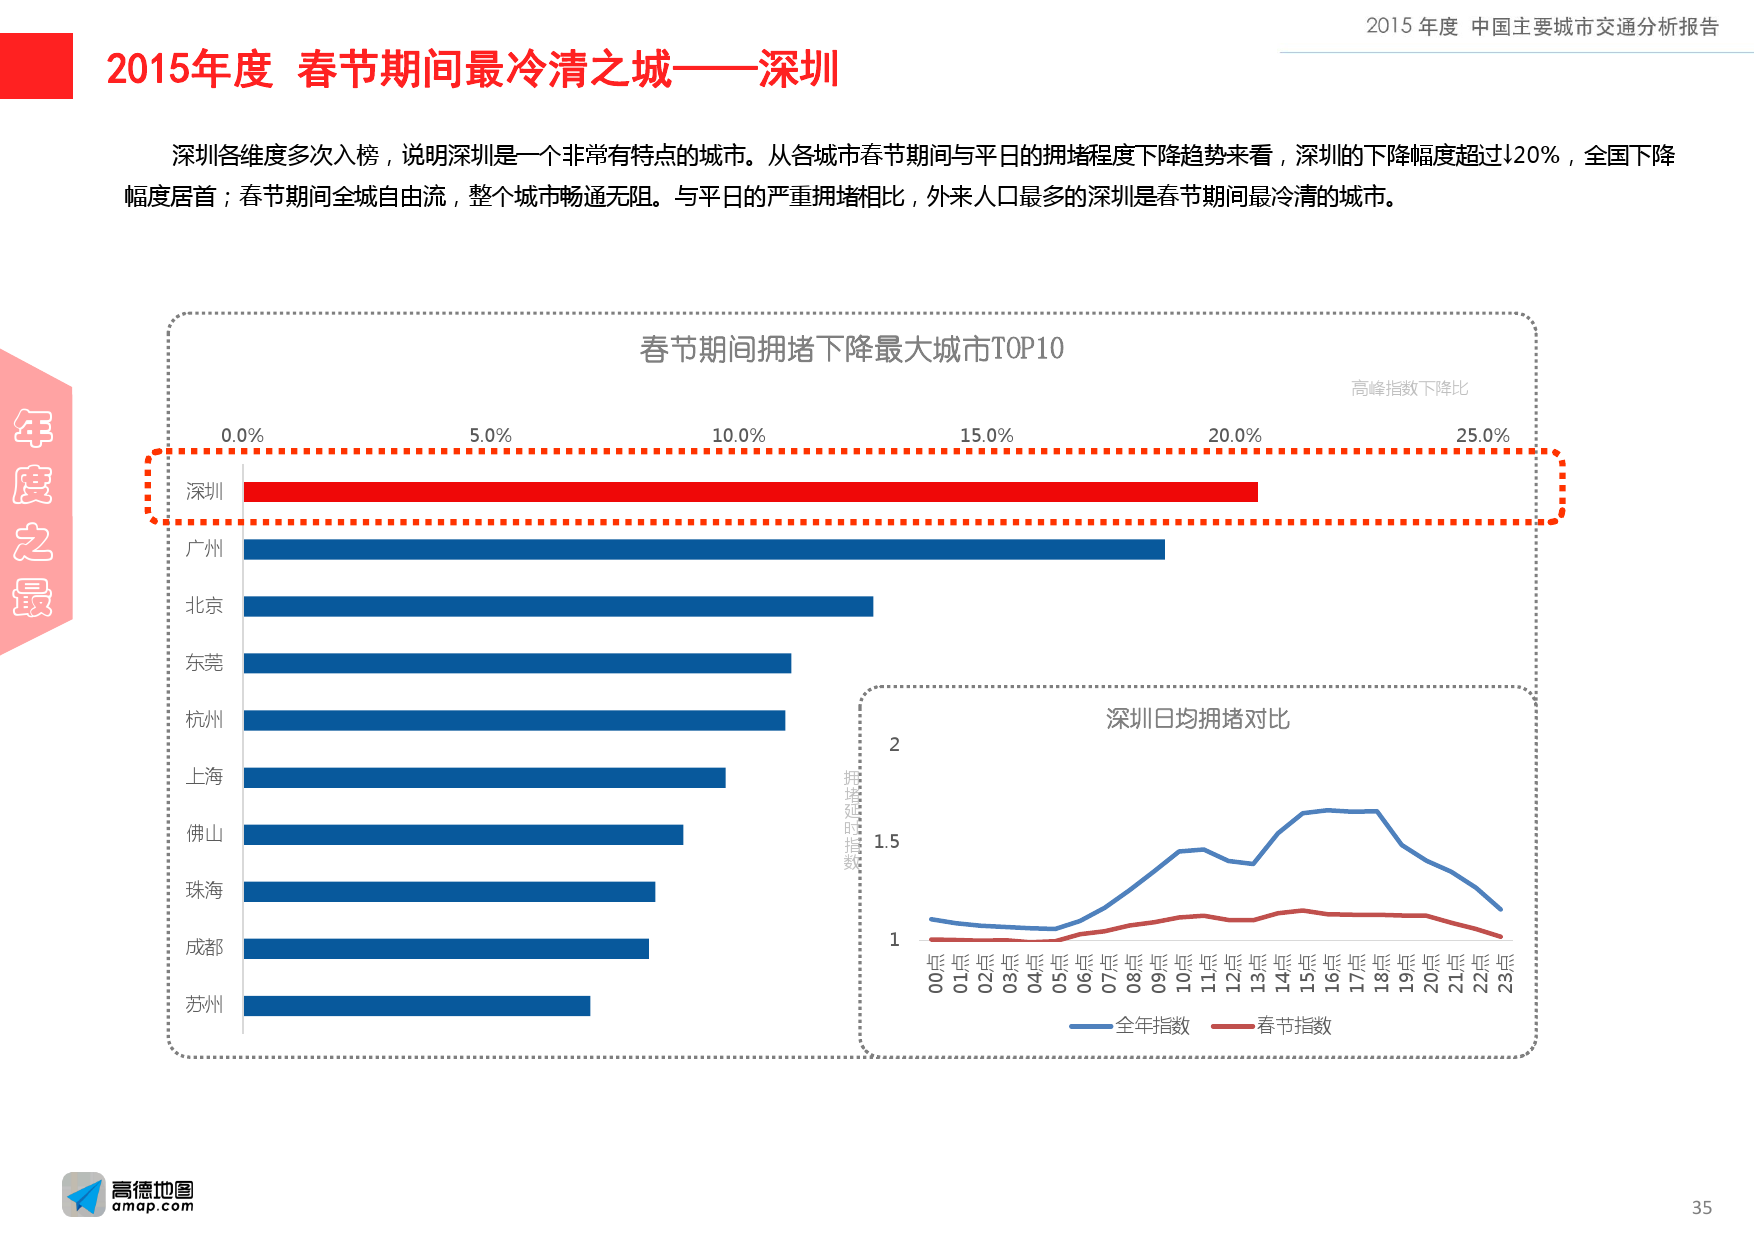 2015年度中国主要城市交通分析报告-final_000035